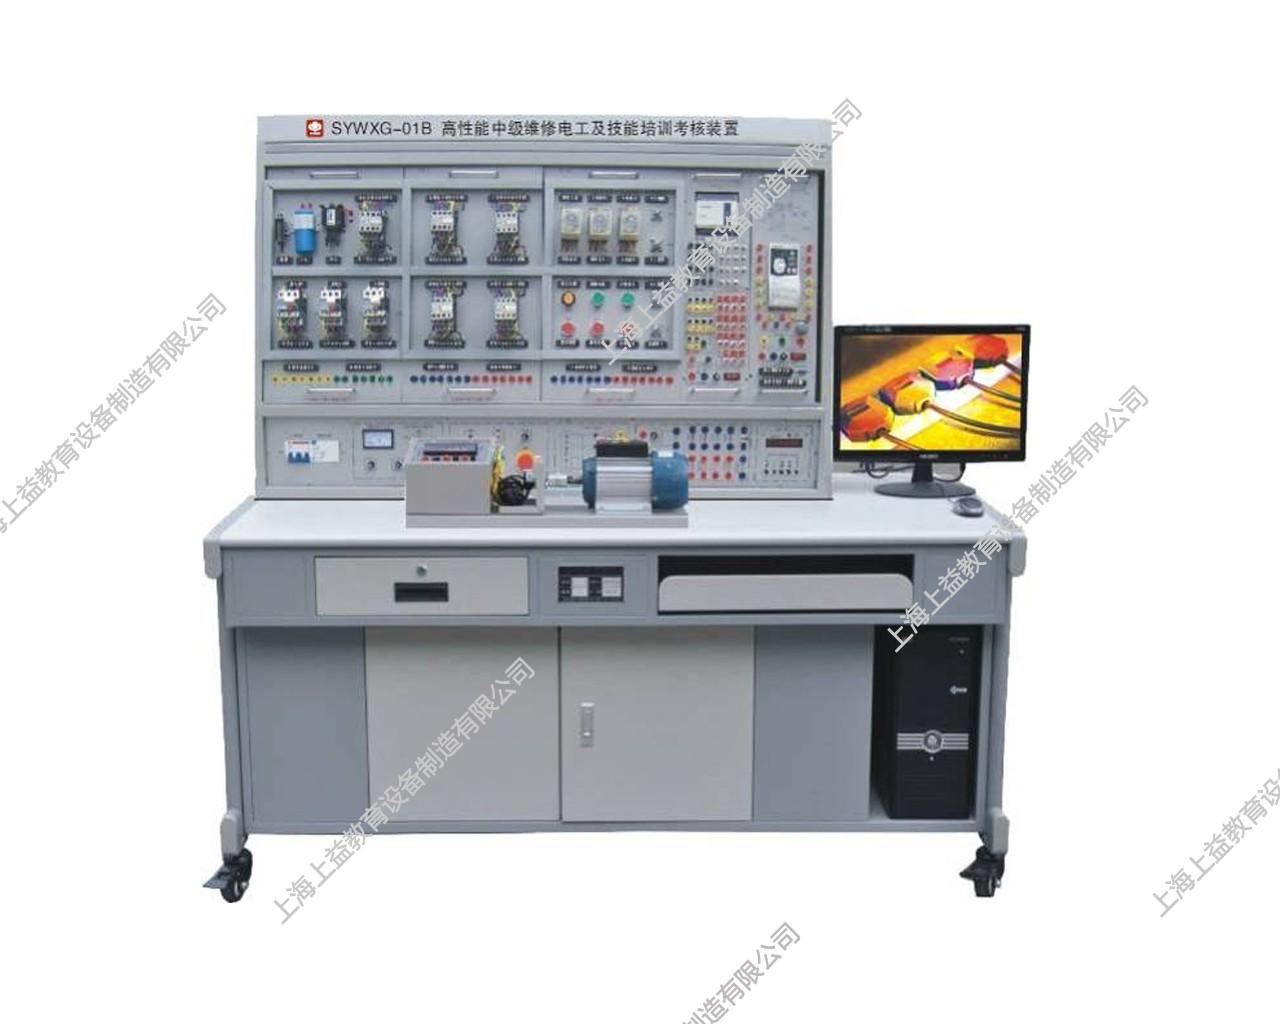 SYWXG-01C型 高性能高级维修电工及技能培训lehu68vipwwwlehu8vip装置